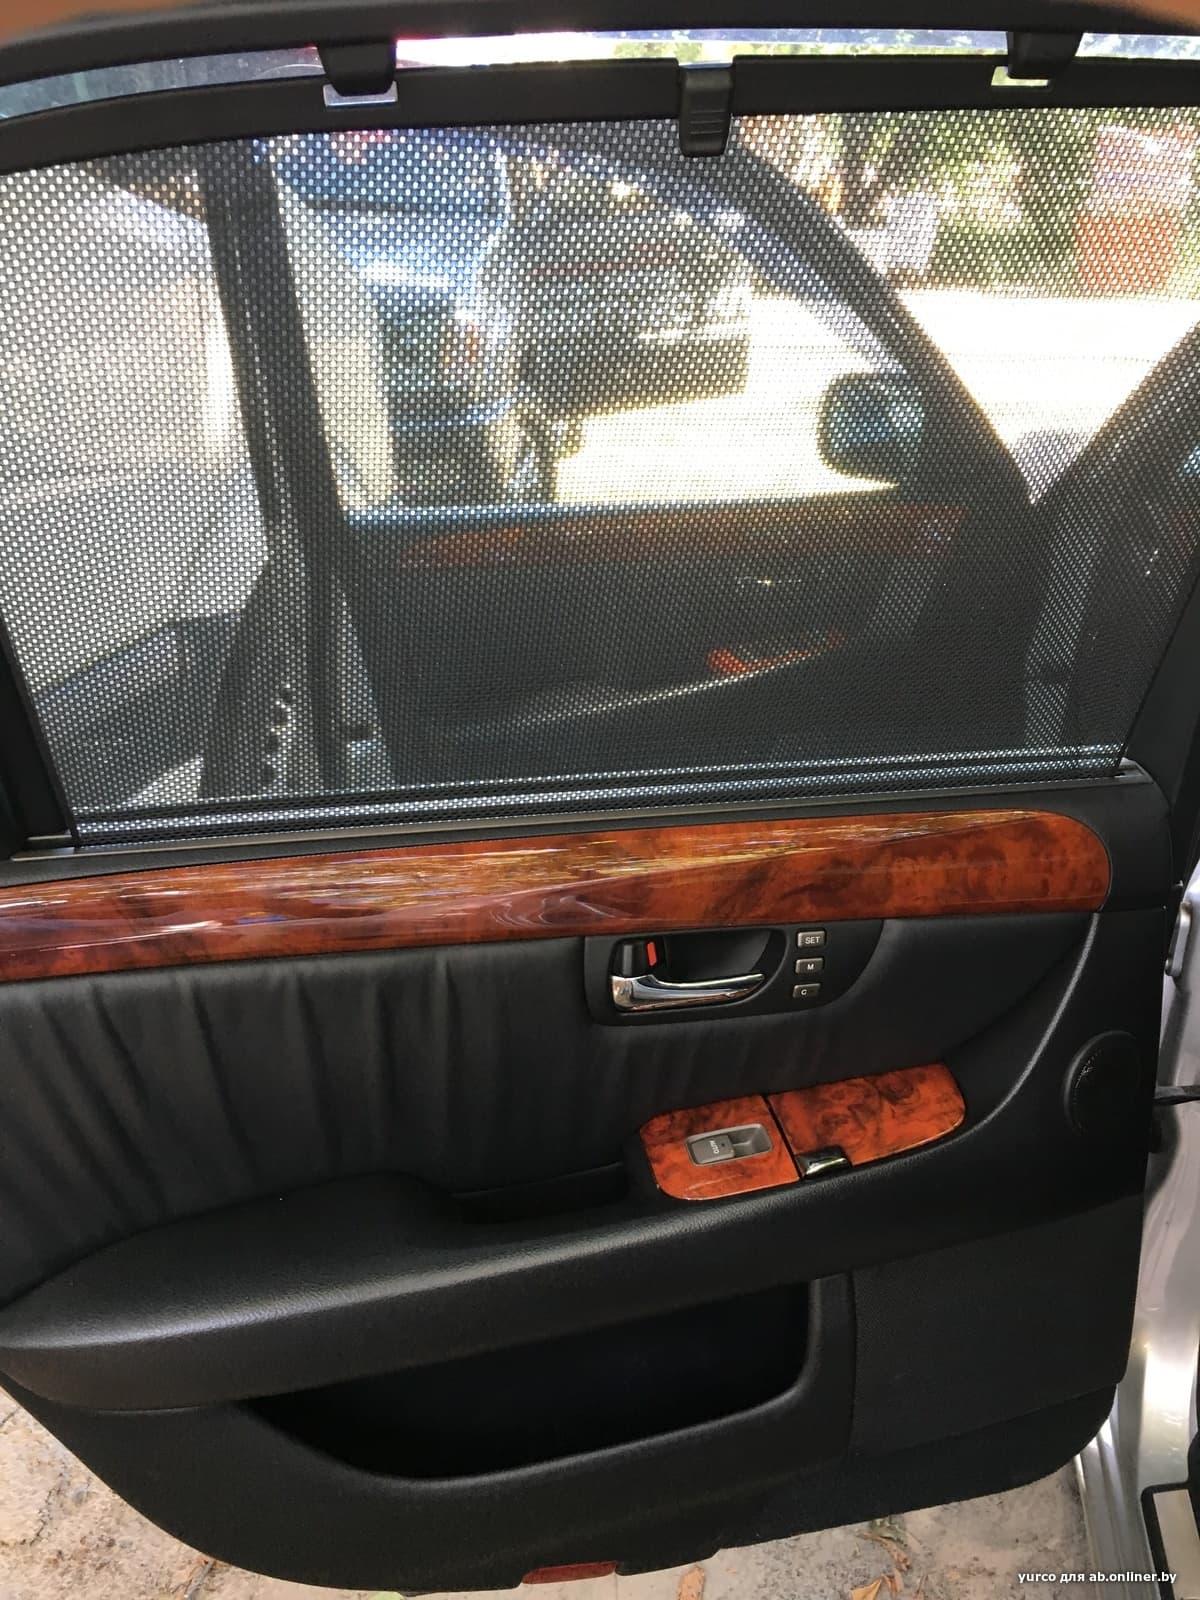 Lexus LS 430 President